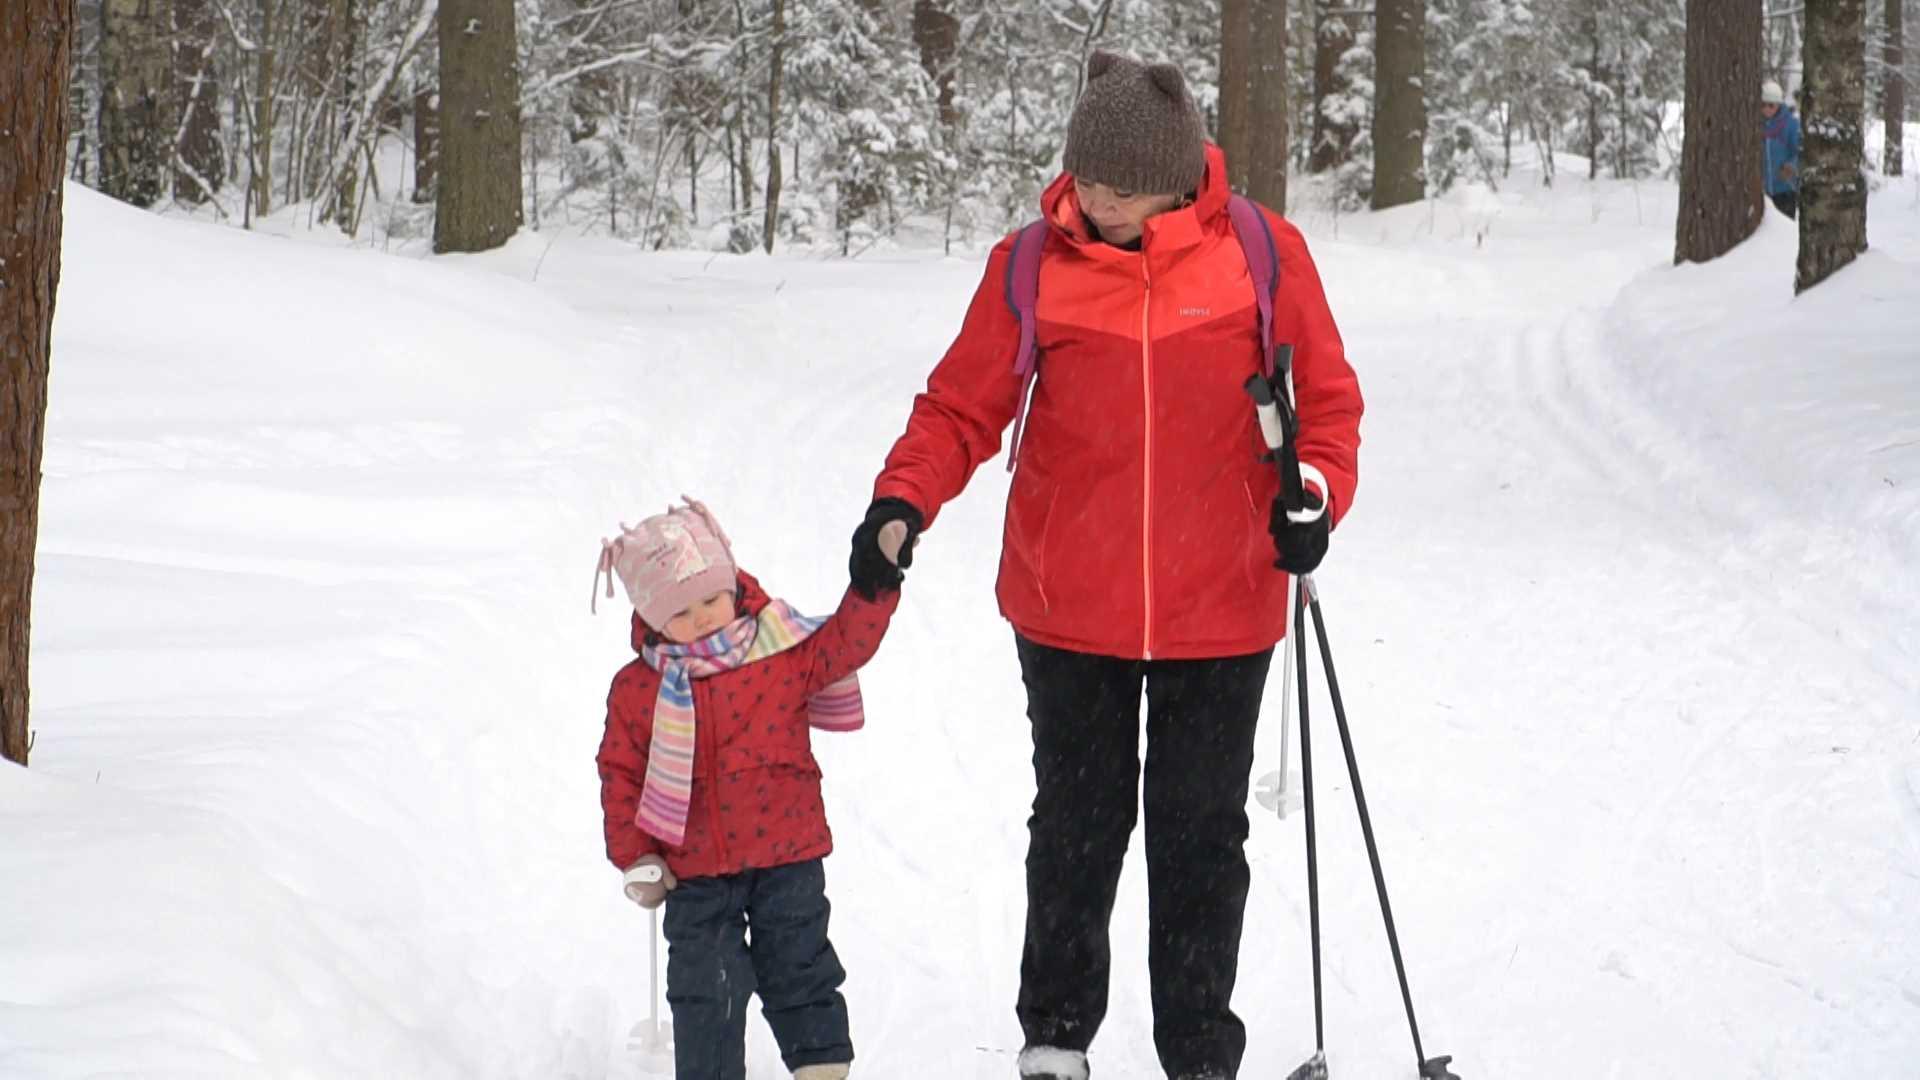 менее часа назад                                                                                                                                                                                                                                                                                               Участники проекта «Кострома лыжная» готовятся сдавать дневники                                                                27 и 28 марта — последние дни официальной встречи костромичей на лыжне.